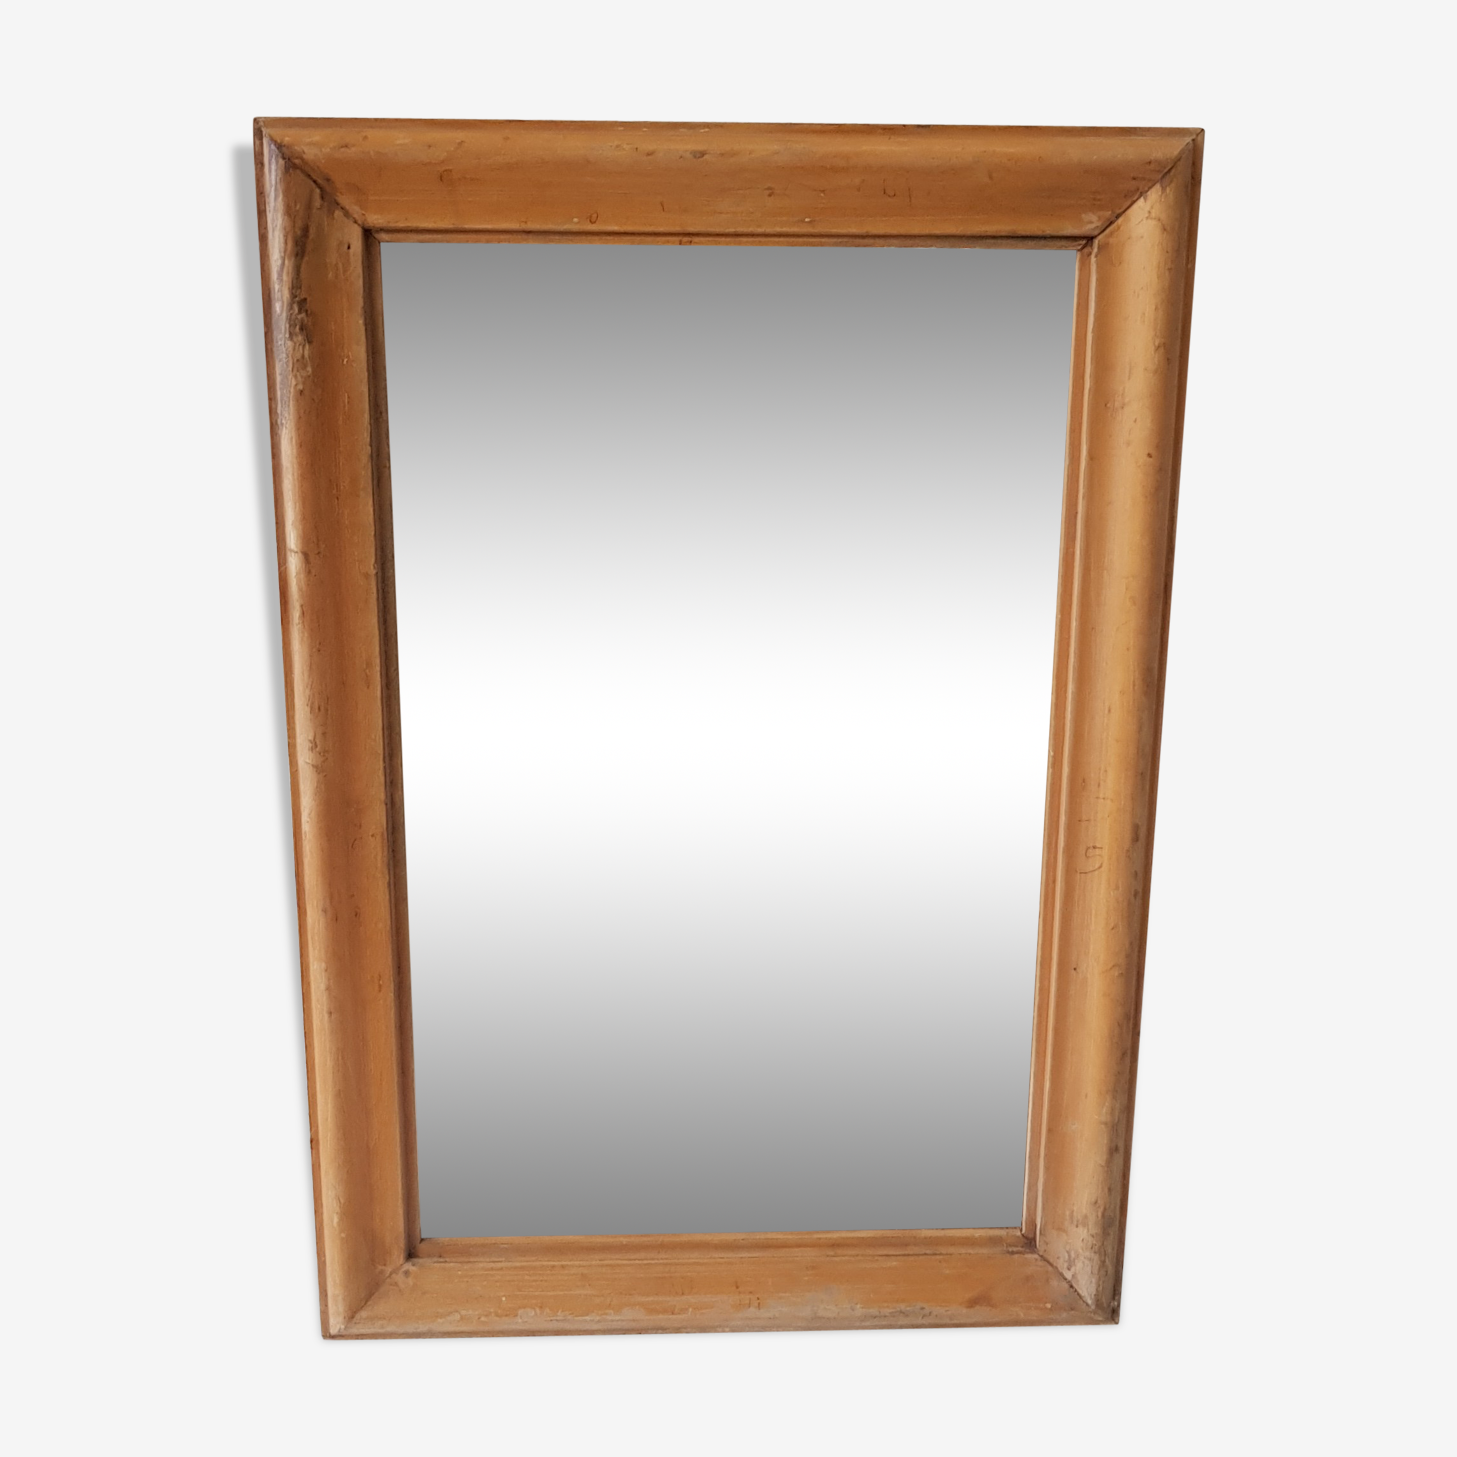 Mirror 56x80cm